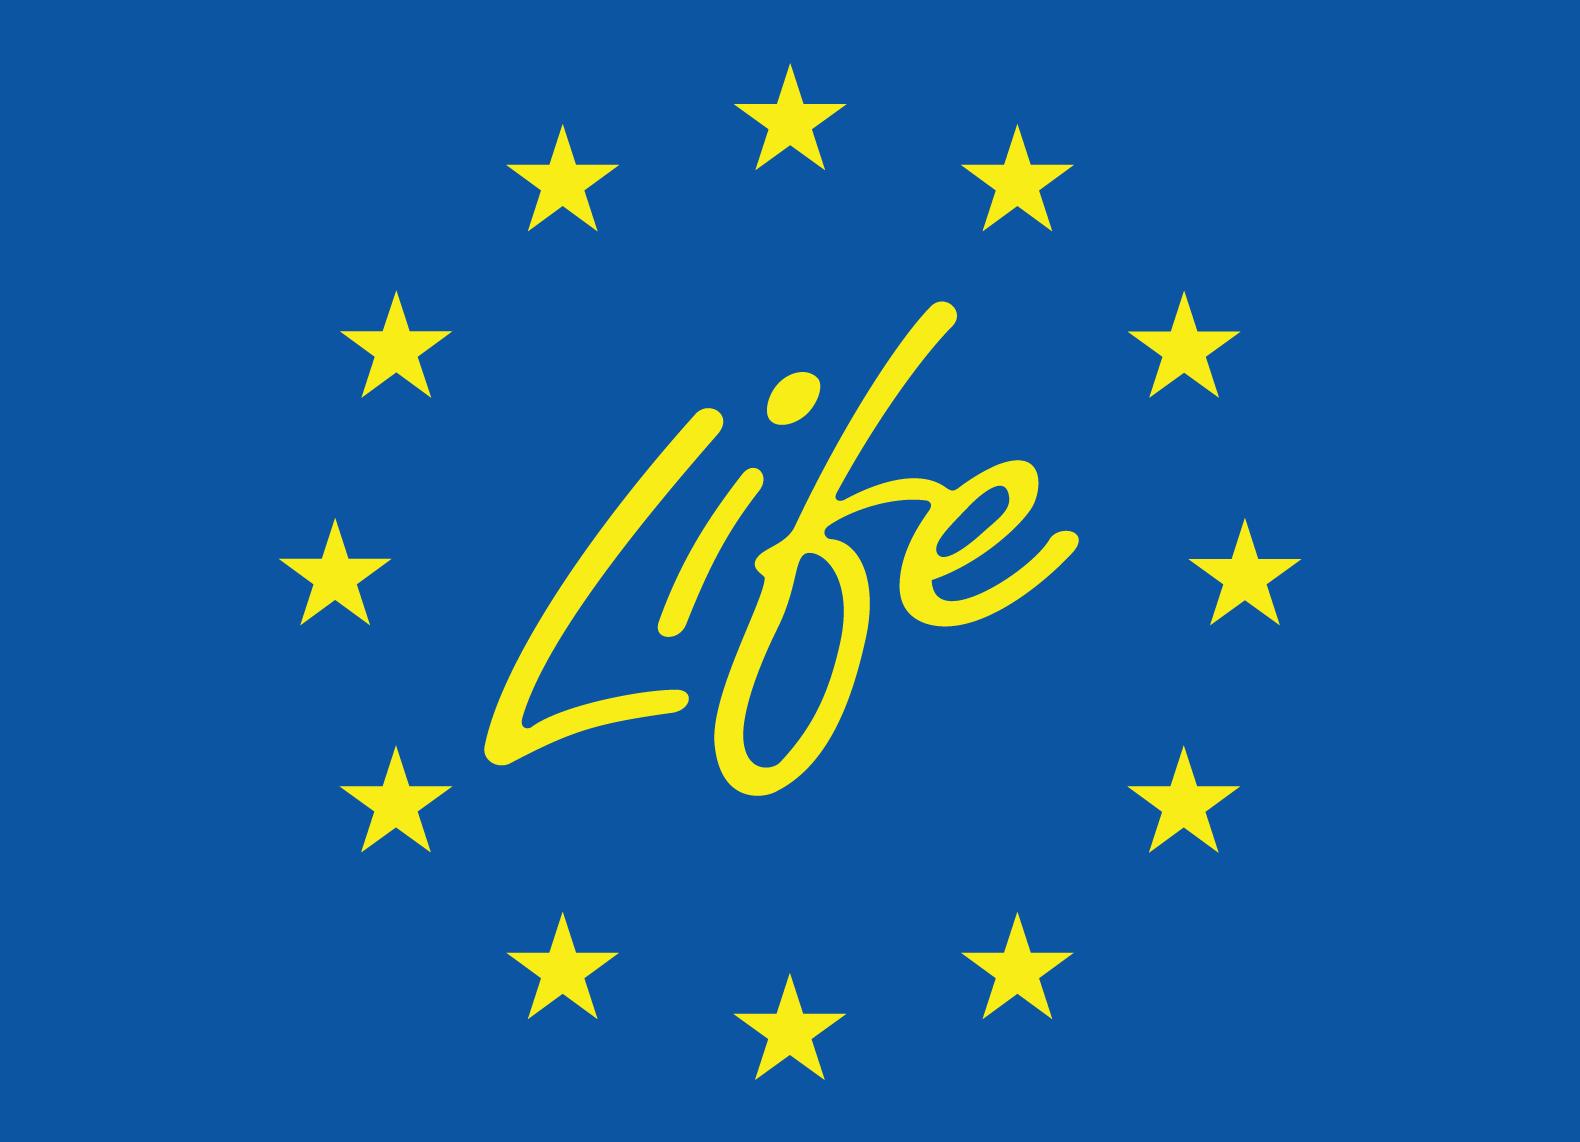 EU LIFE i Tøndermarsken